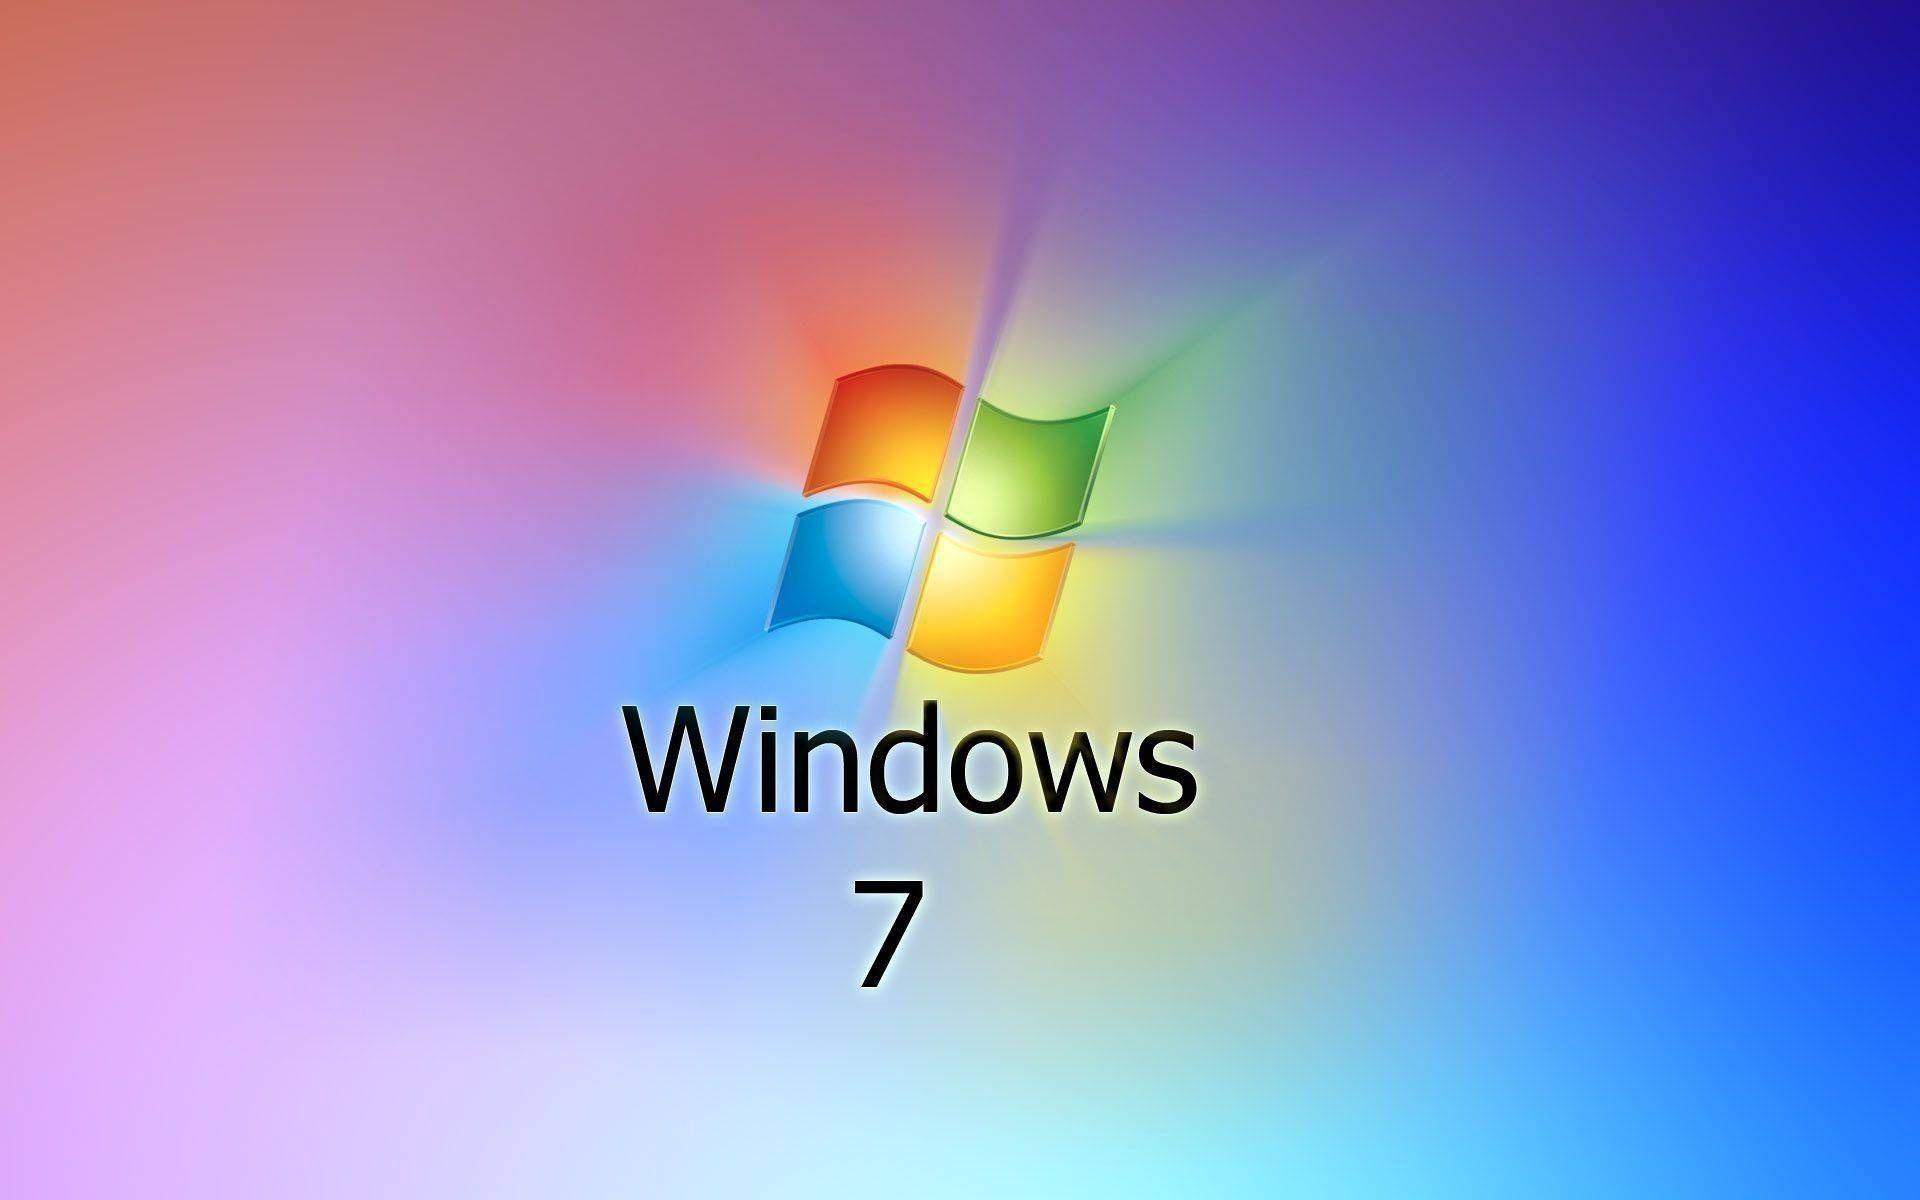 Microsoft เผย ยังมี PC ที่ใช้ Window 7 อยู่กว่า 100 ล้านเครื่อง ต่อให้เลิกถูก Support แล้ว!